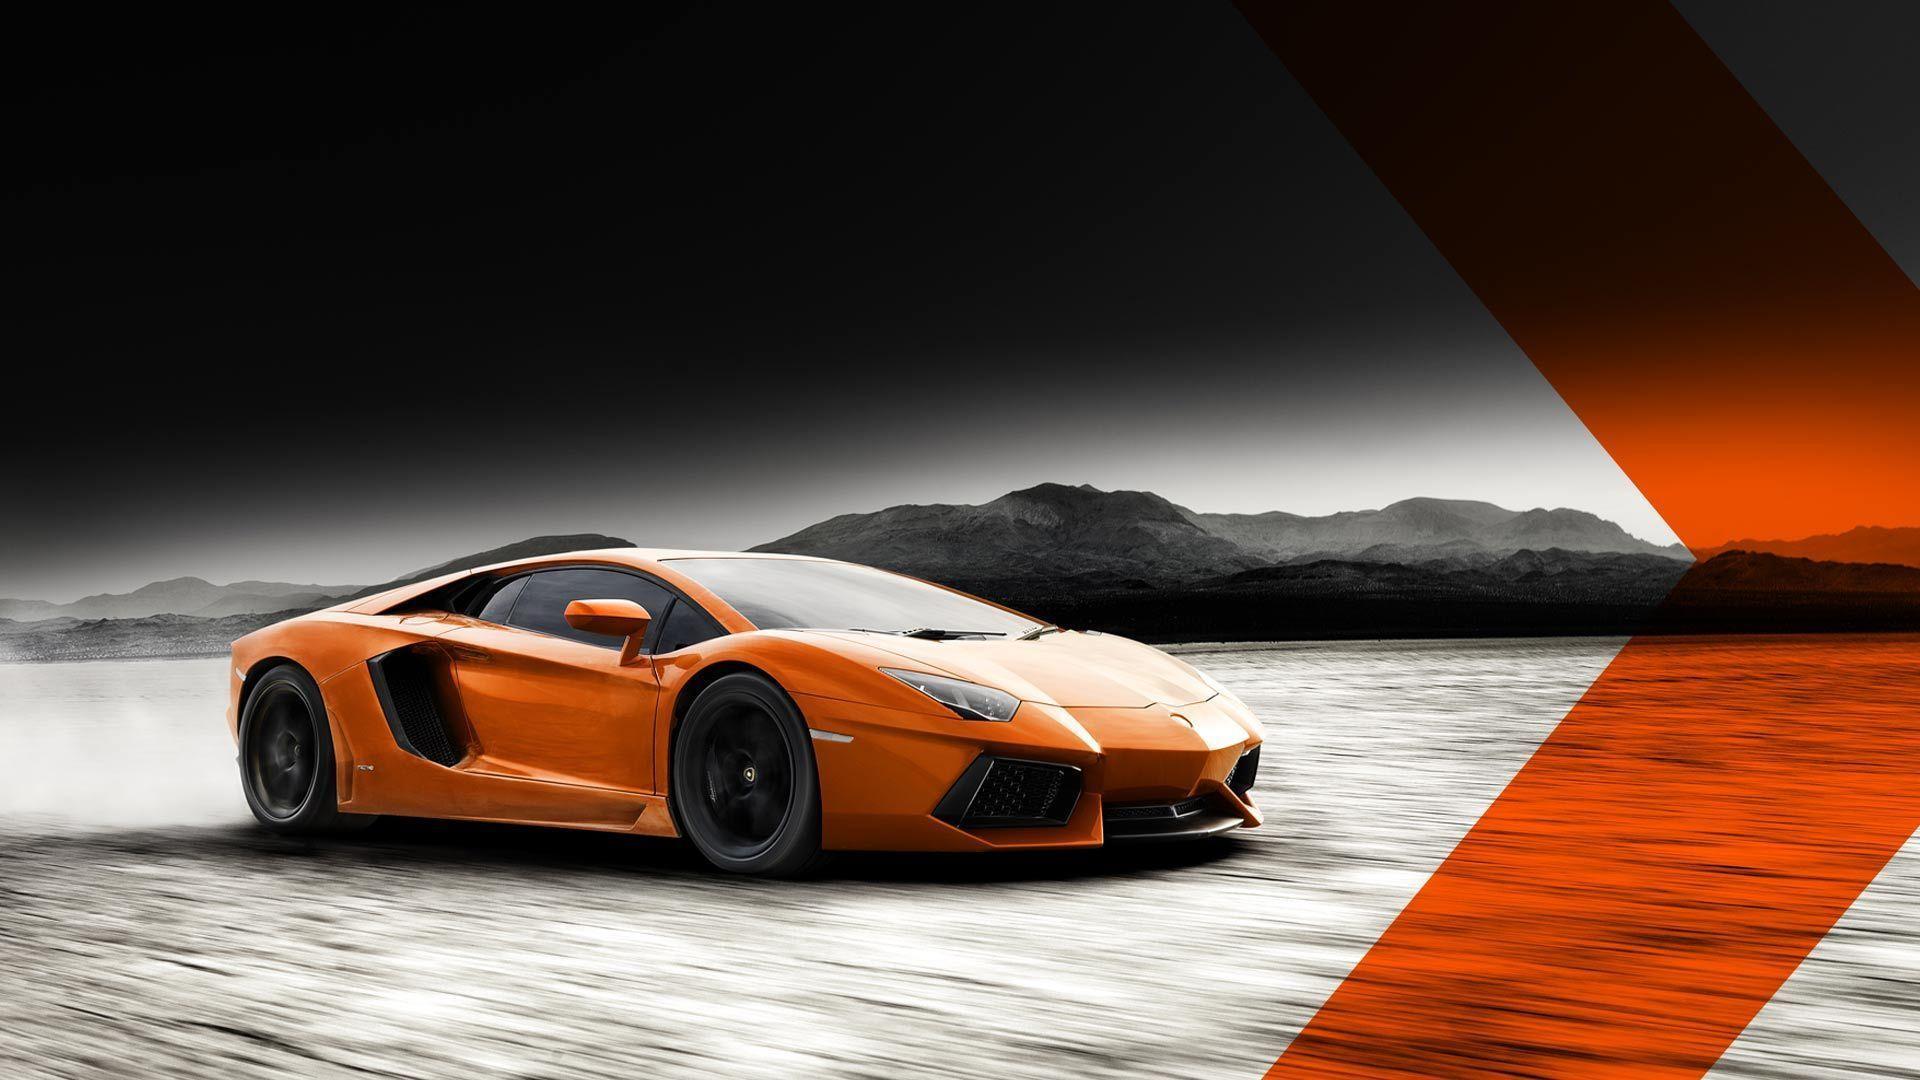 1680x1050 Lamborghini Aventador Roadster Wallpapers Hd Is 4K Wallpaper Yodobi Download